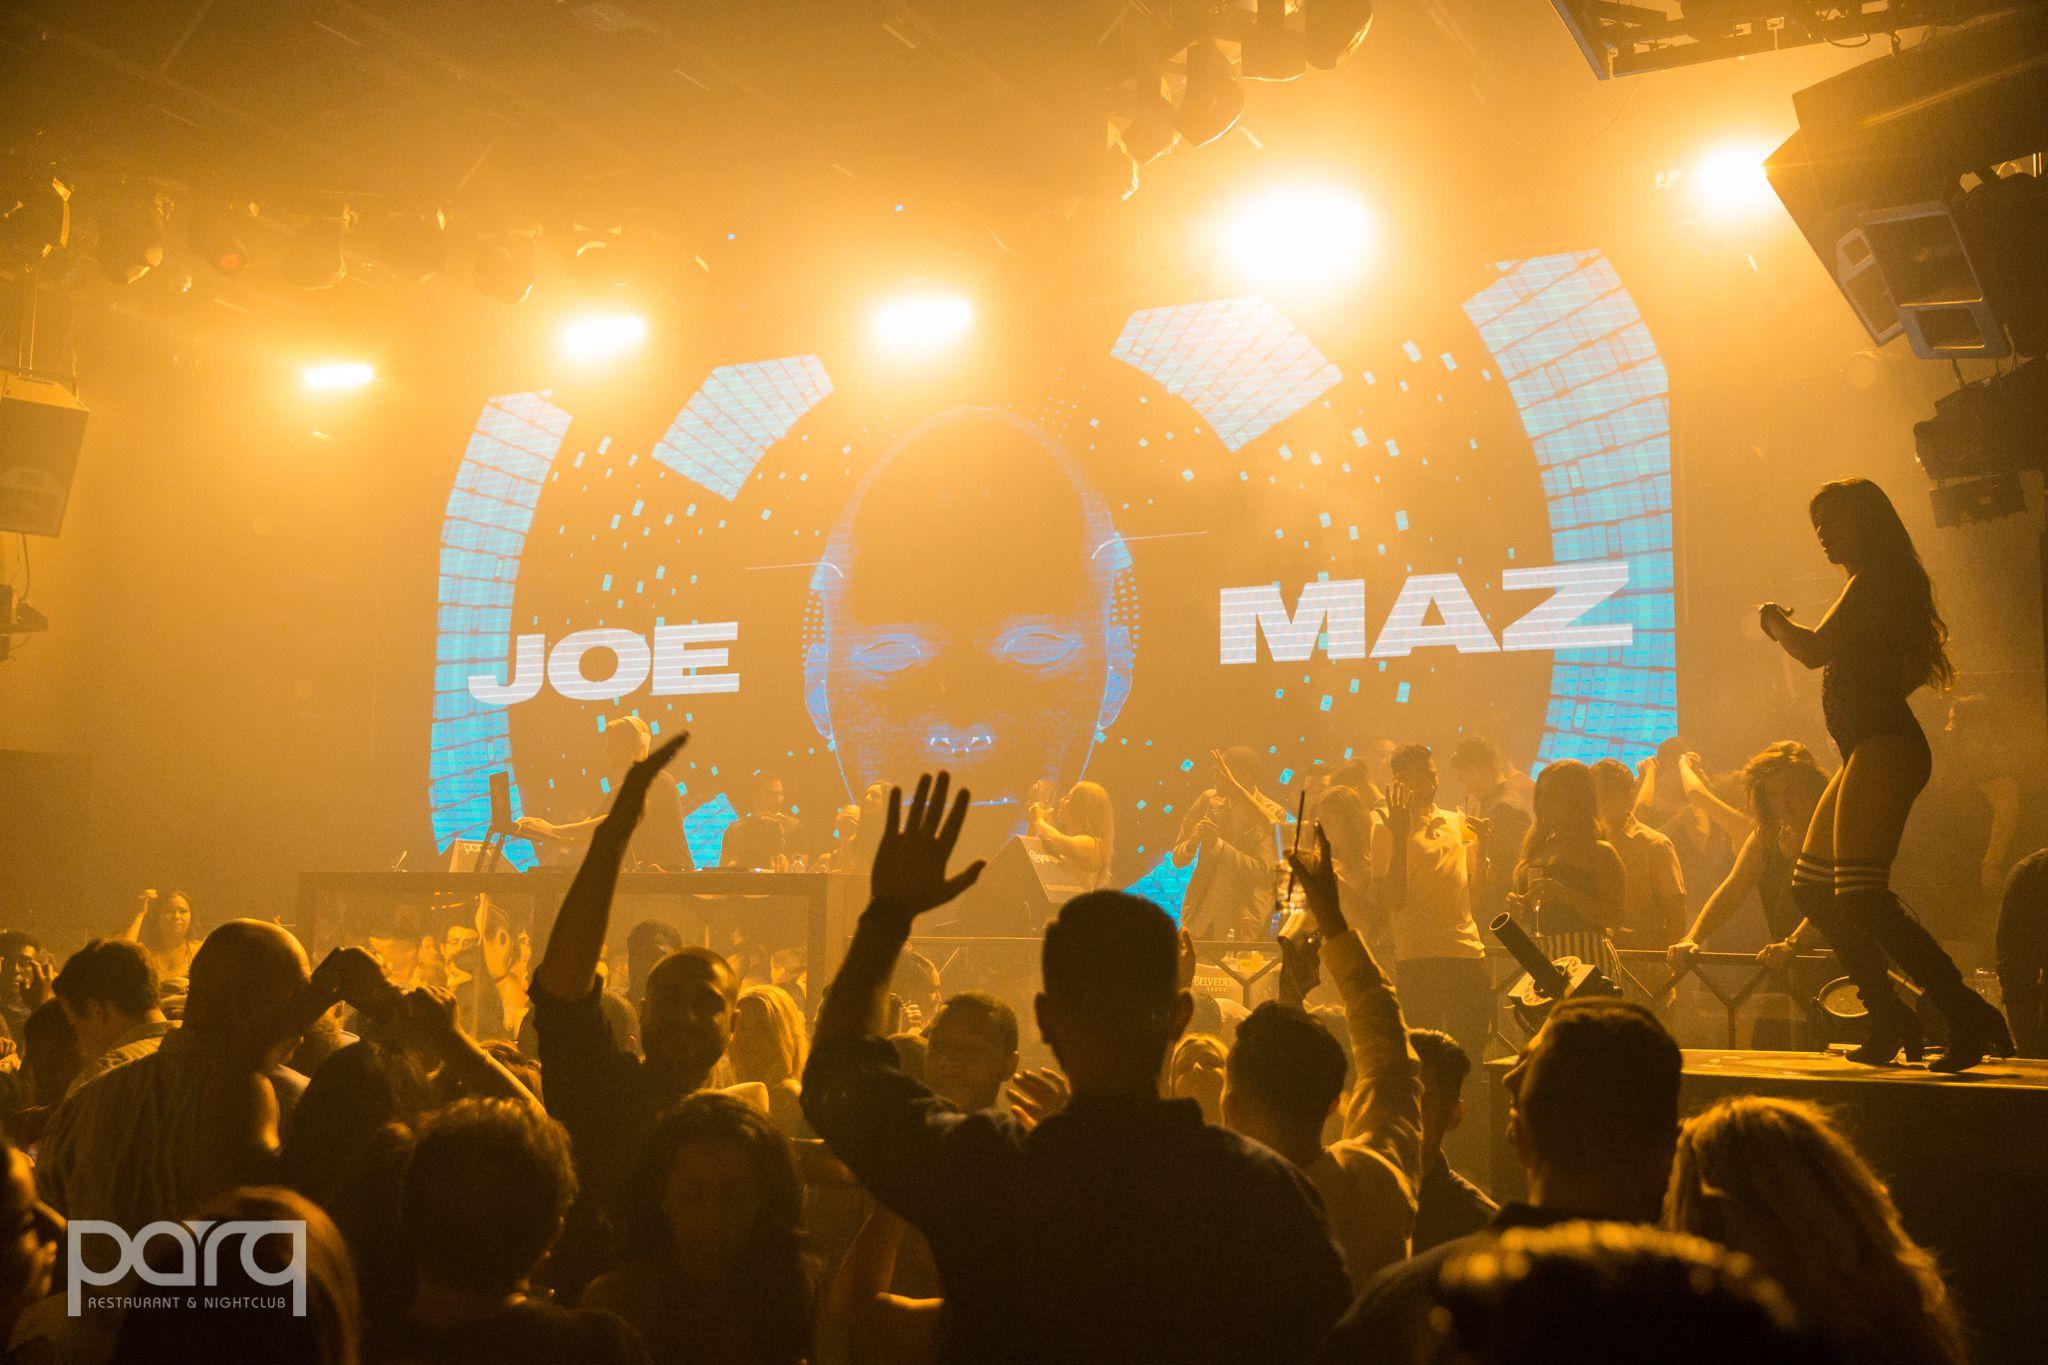 08.17.18 Parq - Joe Maz-1.jpg